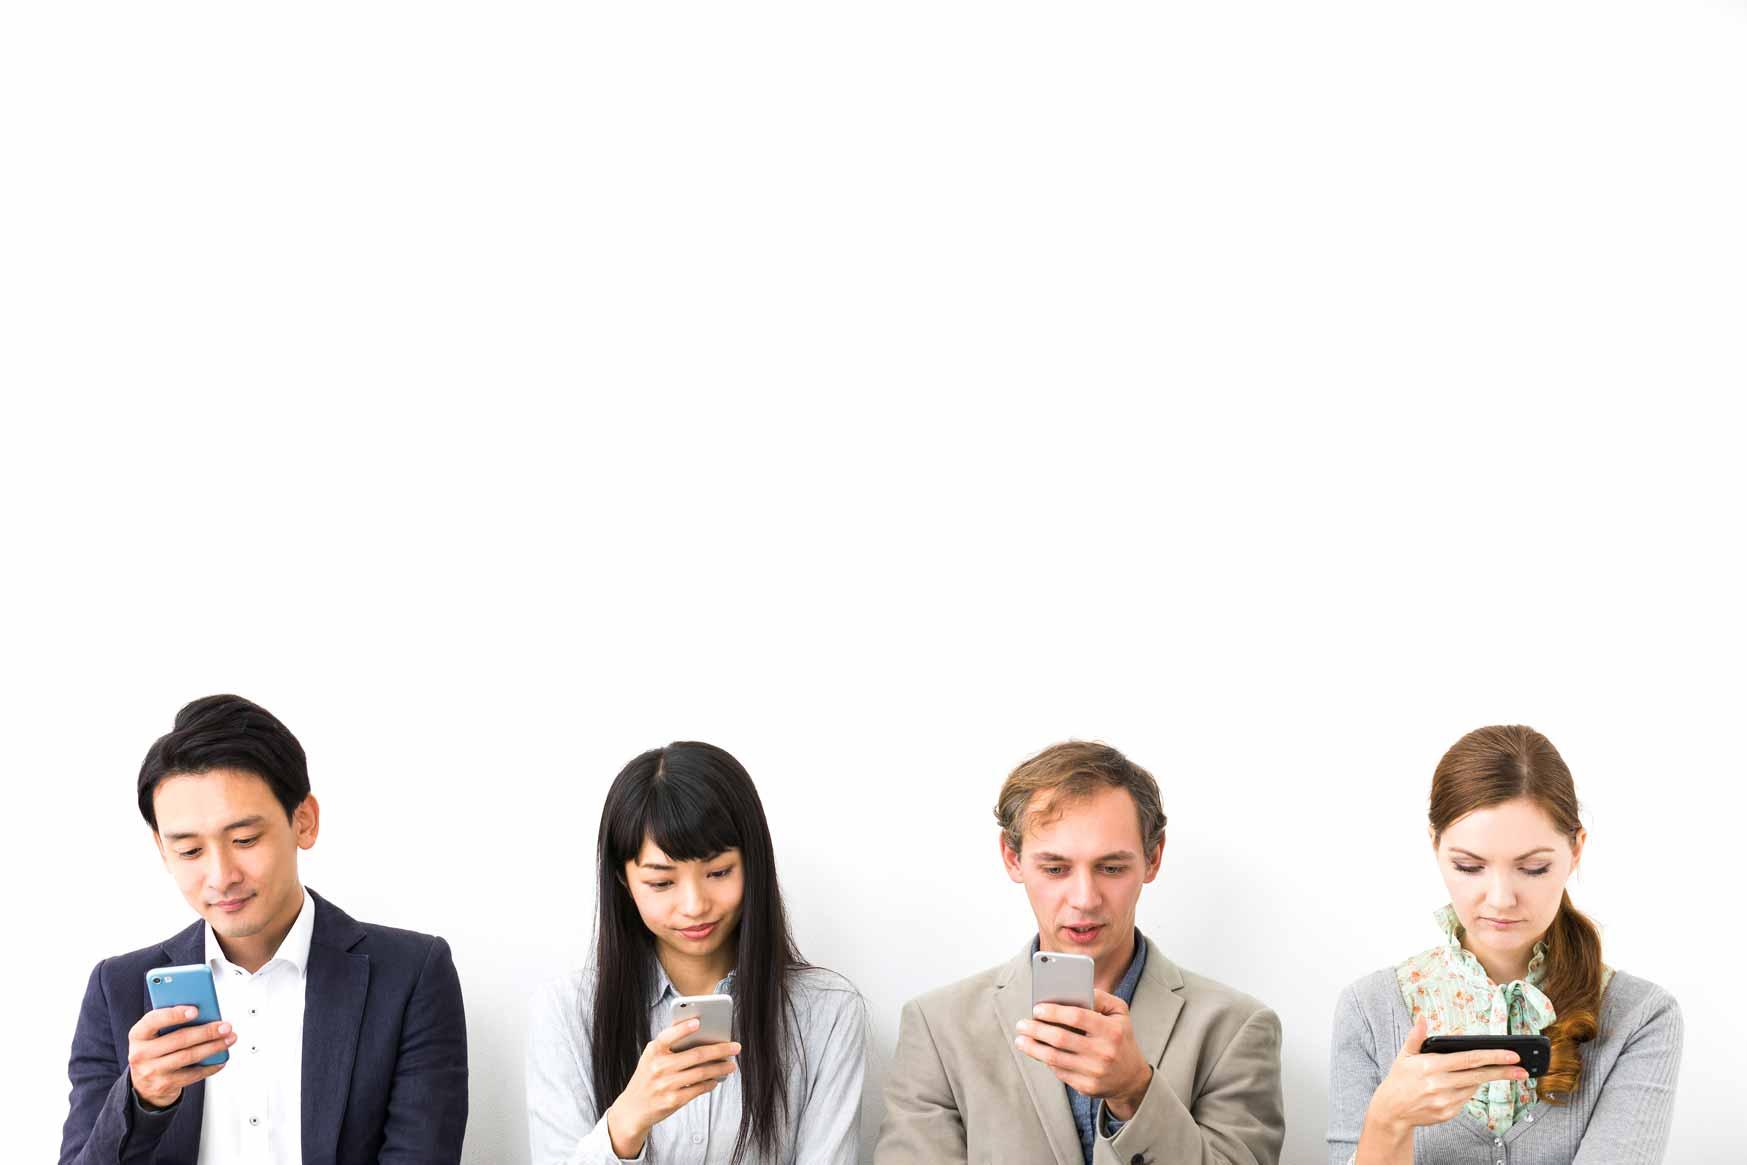 Eine Gruppe junger Menschen mit Smartphone surft im Internet.